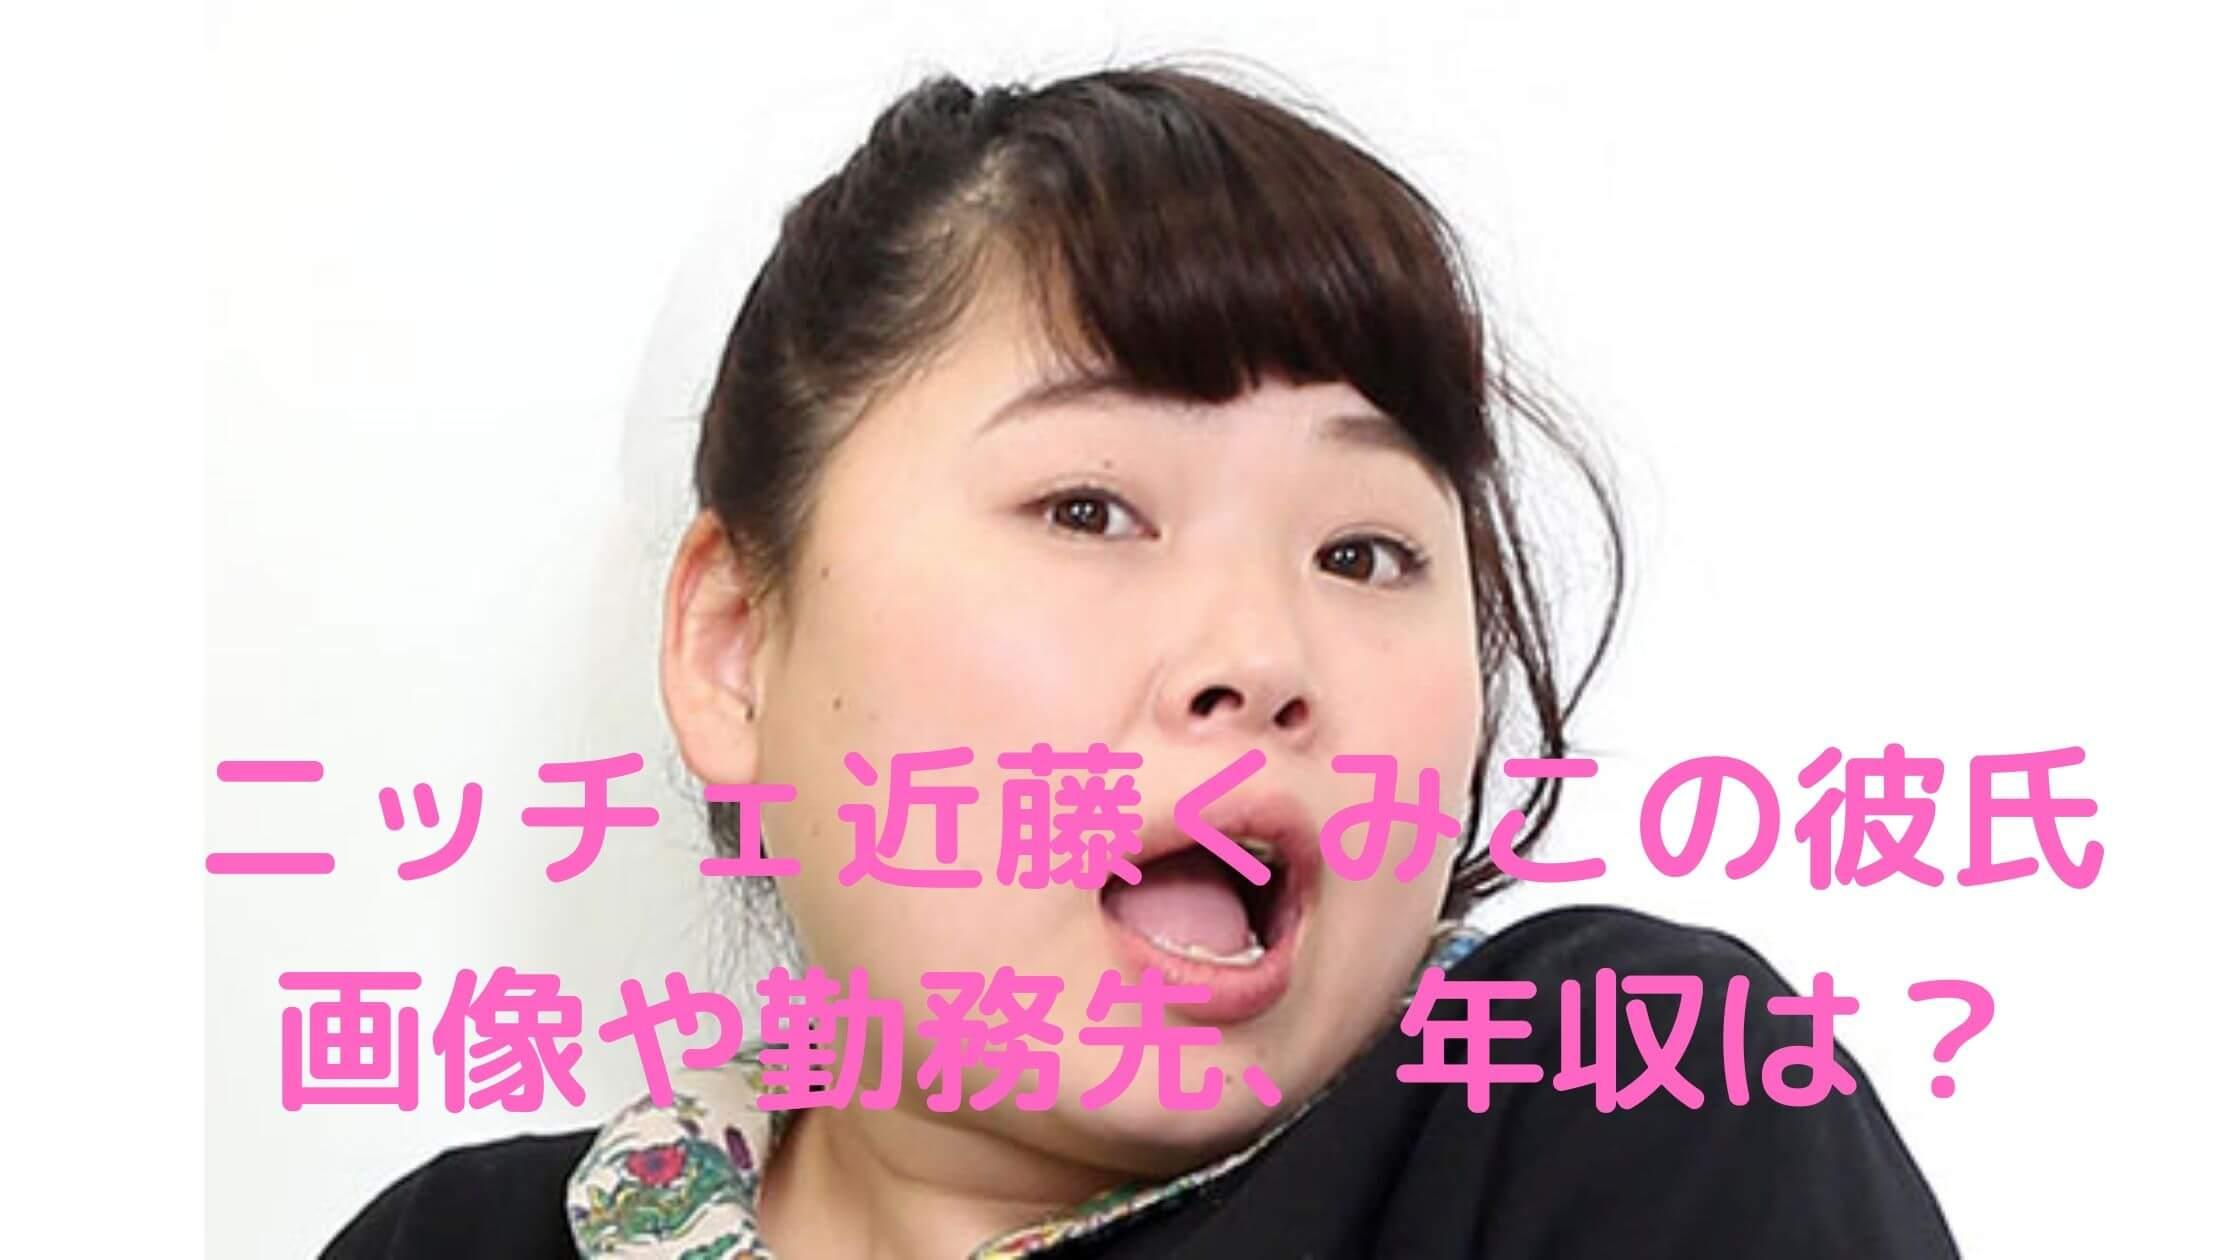 近藤くみこ 彼氏 婚約相手 フジテレビプロデューサー 藤本大介